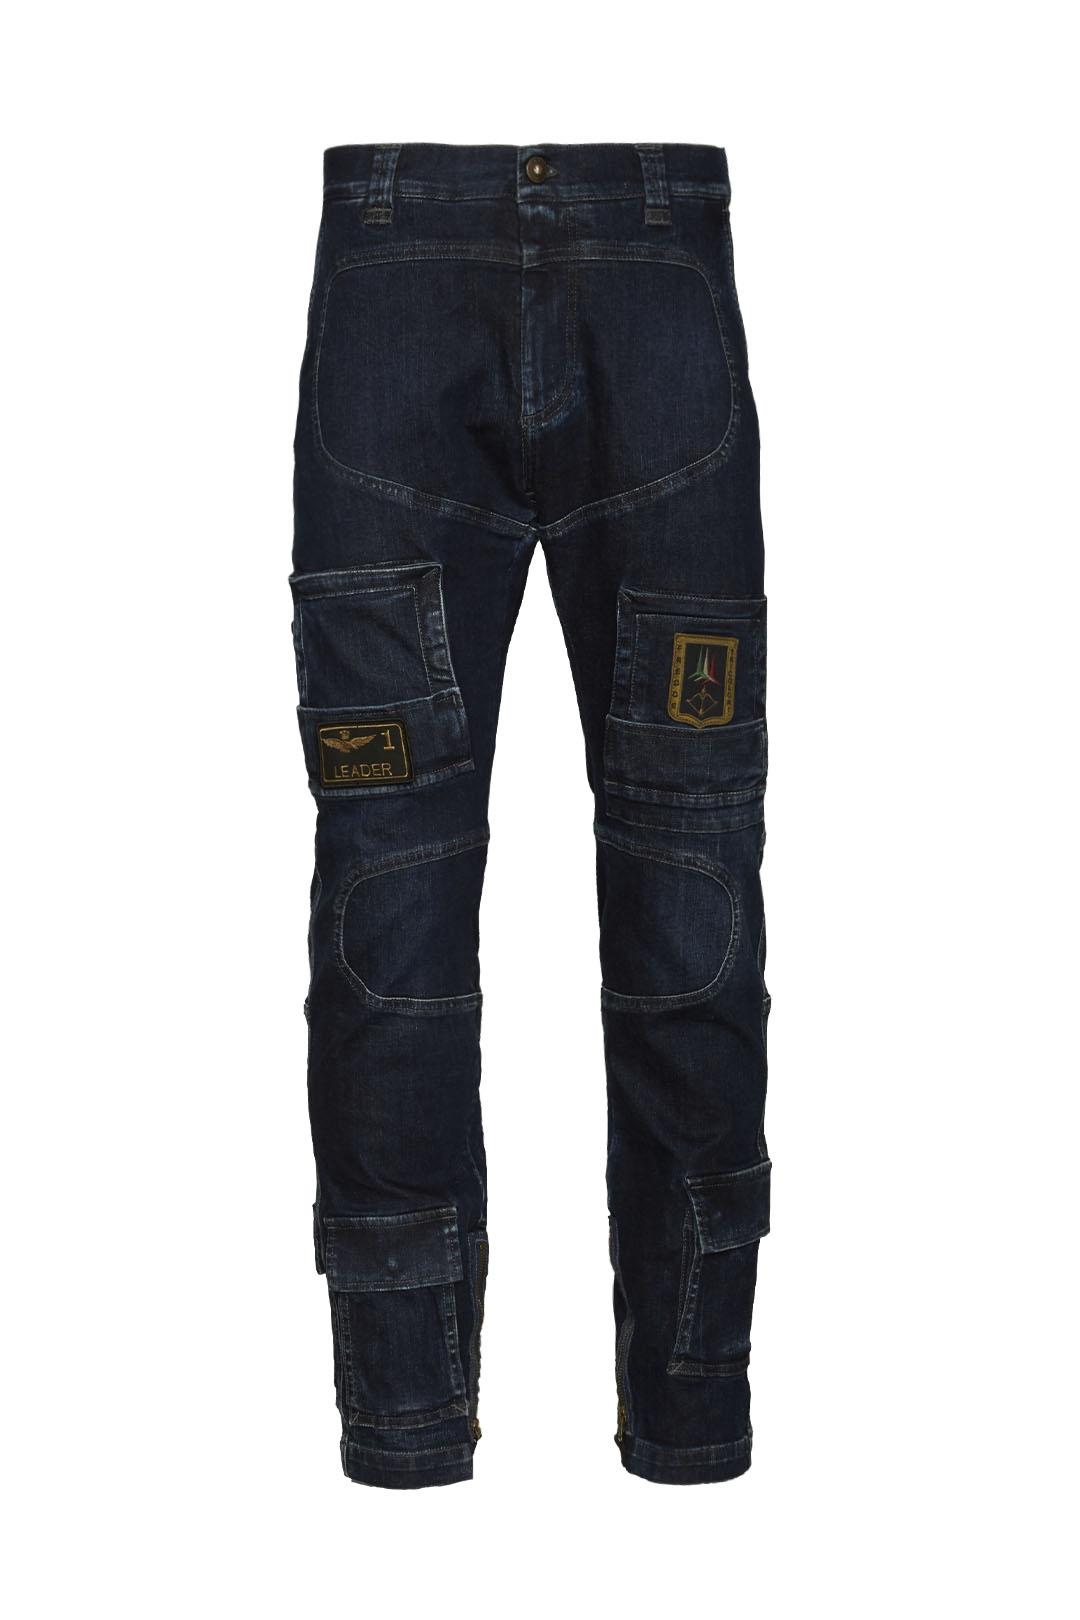 Anti-G trousers in stretch denim